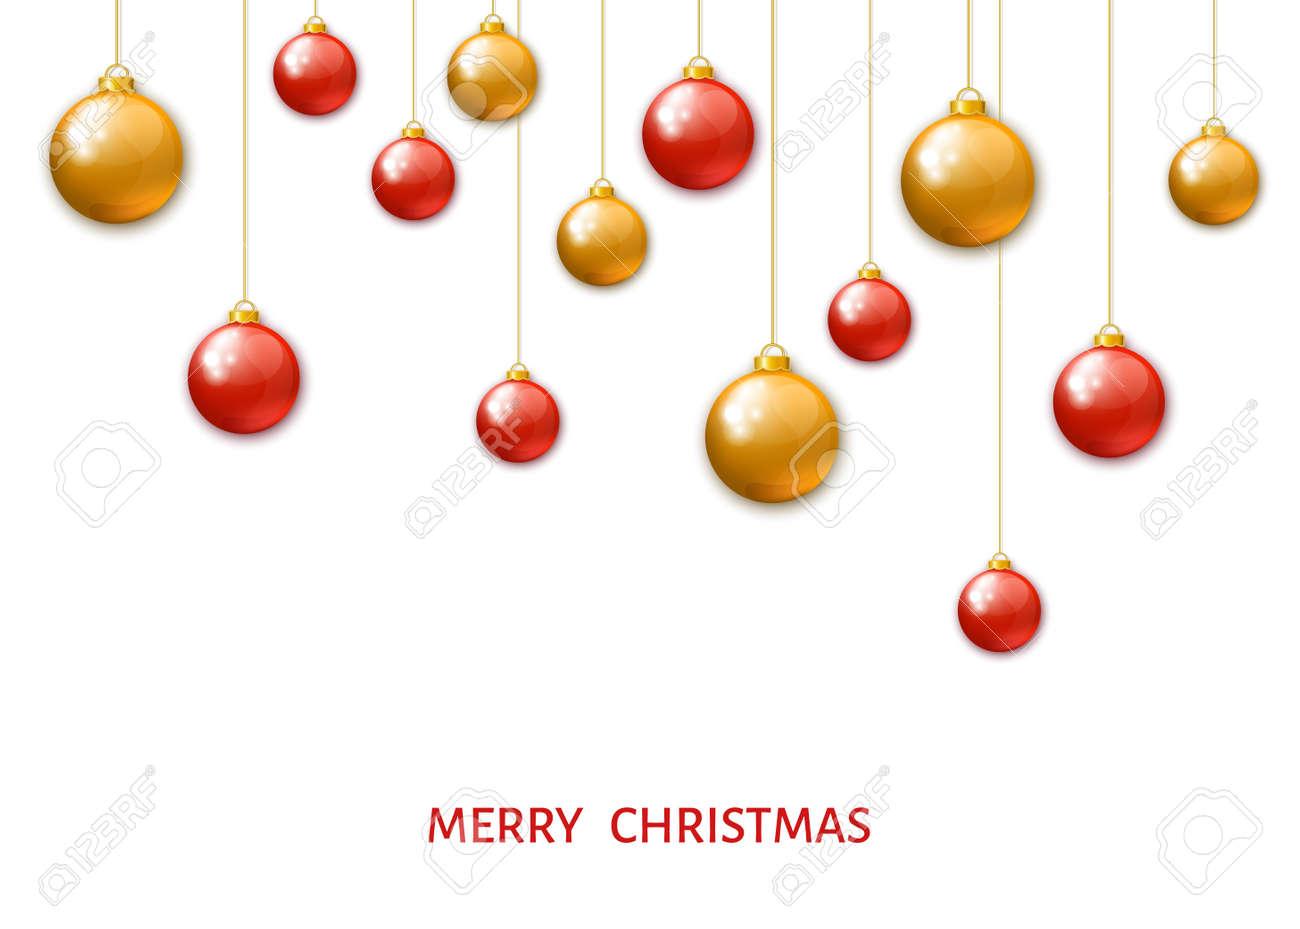 Immagini Natalizie Vettoriali.Colore Rosso E Sfere D Attaccatura Di Natale Dell Oro Isolate Su Priorita Bassa Bianca Palline Di Natale Realistiche Decorazioni Natalizie